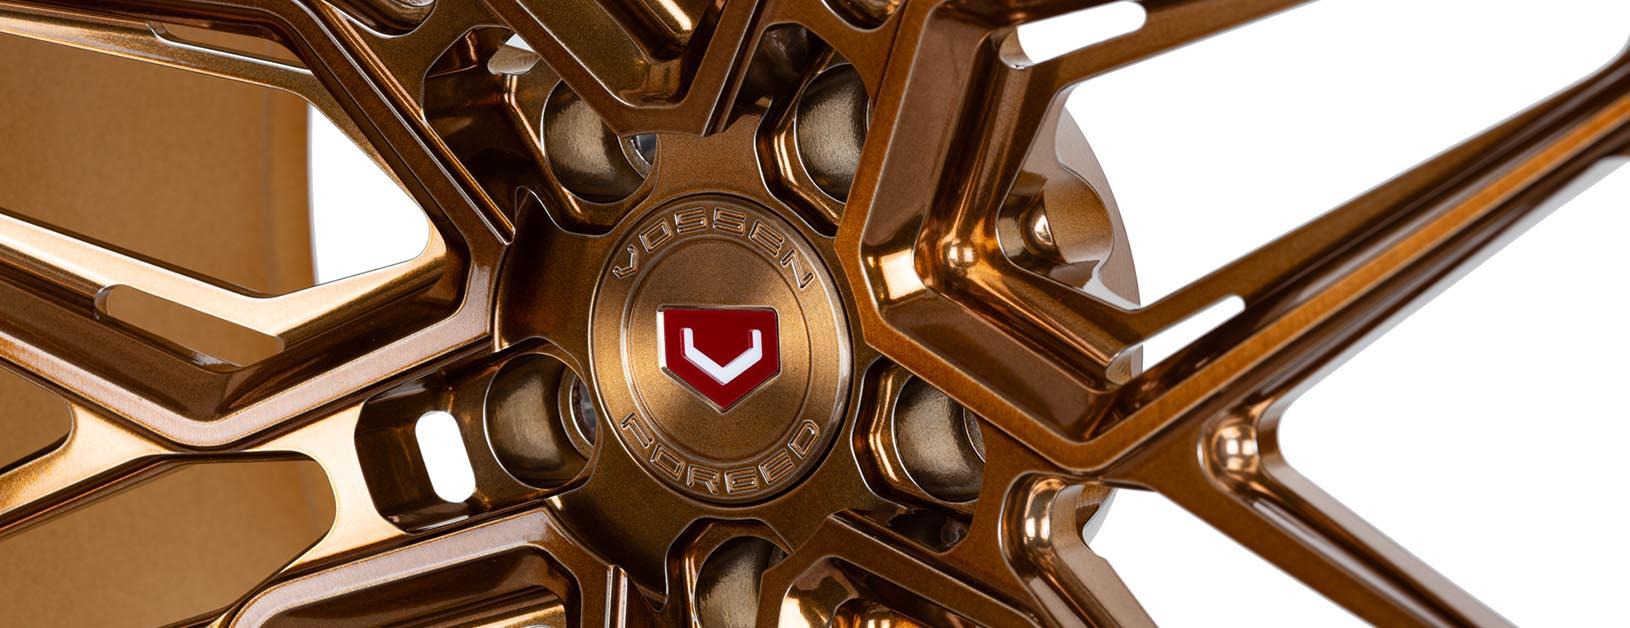 Vossen-EVO-5R-C15-Brickell-Bronze-Polished-EVO-Series-©-Vossen-Wheels-2019-0037-Edit-1